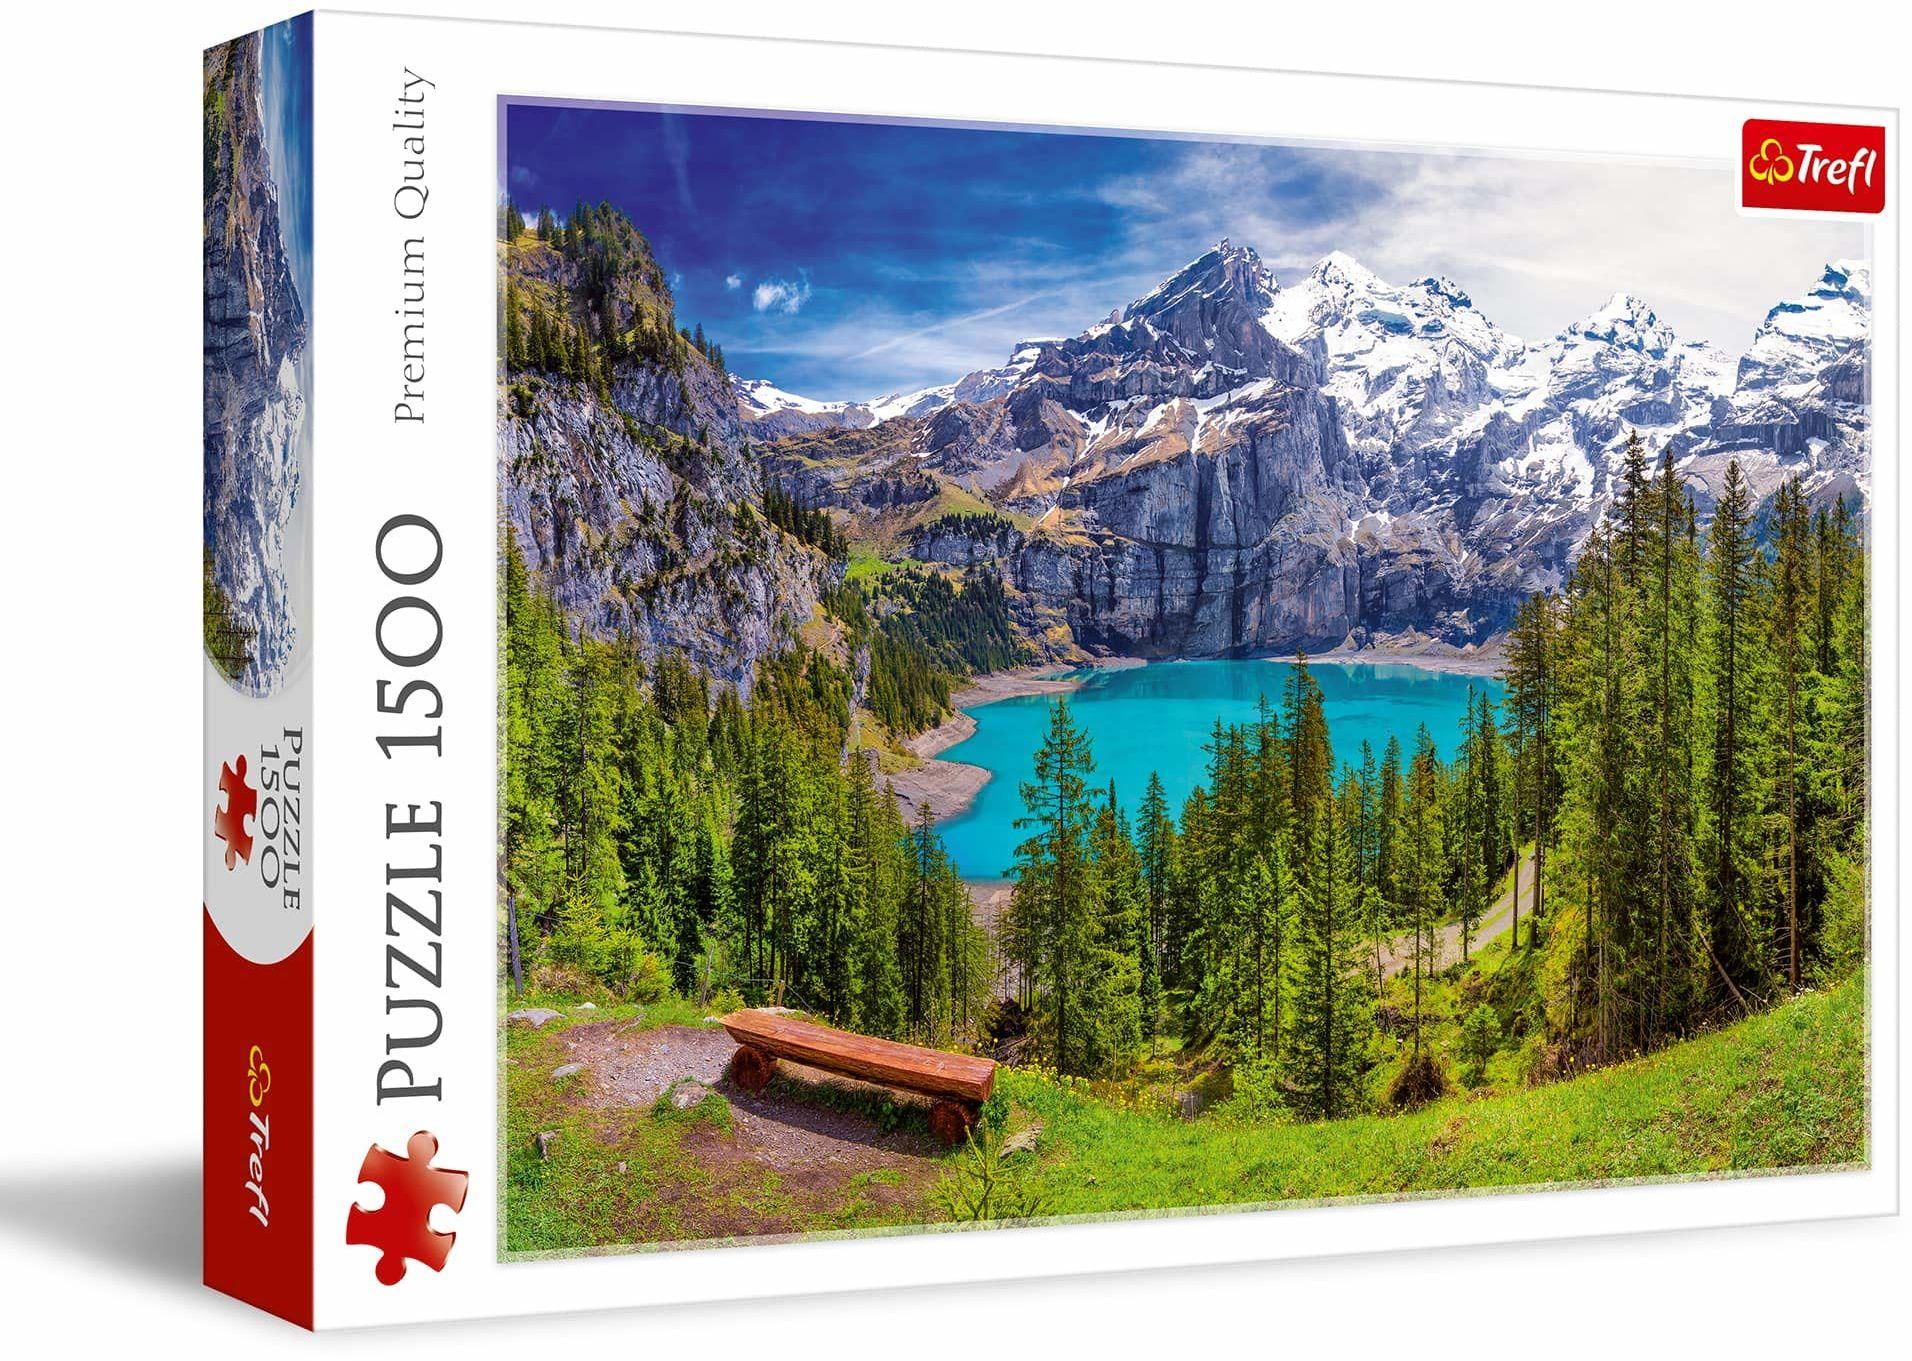 Trefl Jezioro Oeschinen, Alpy, Szwajcaria Puzzle 1500 Elementów o Wysokiej Jakości Nadruku dla Dorosłych i Dzieci od 12 lat